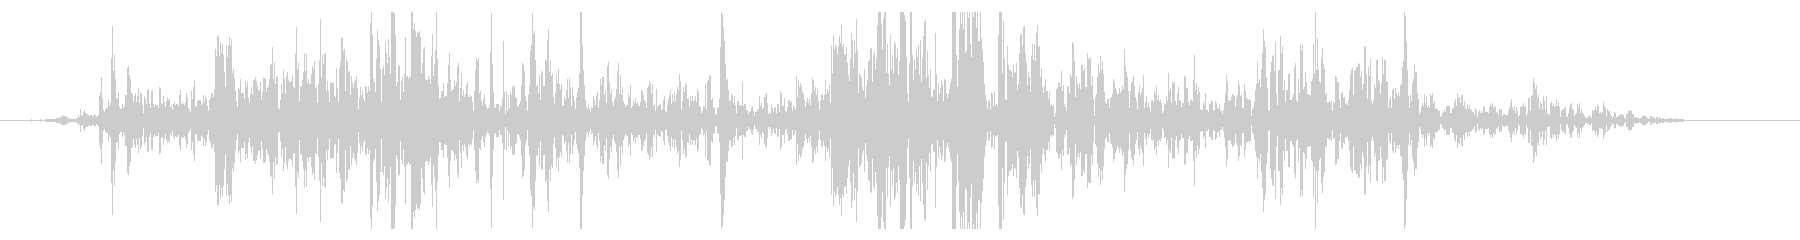 ショートミディアムロックスライドの未再生の波形